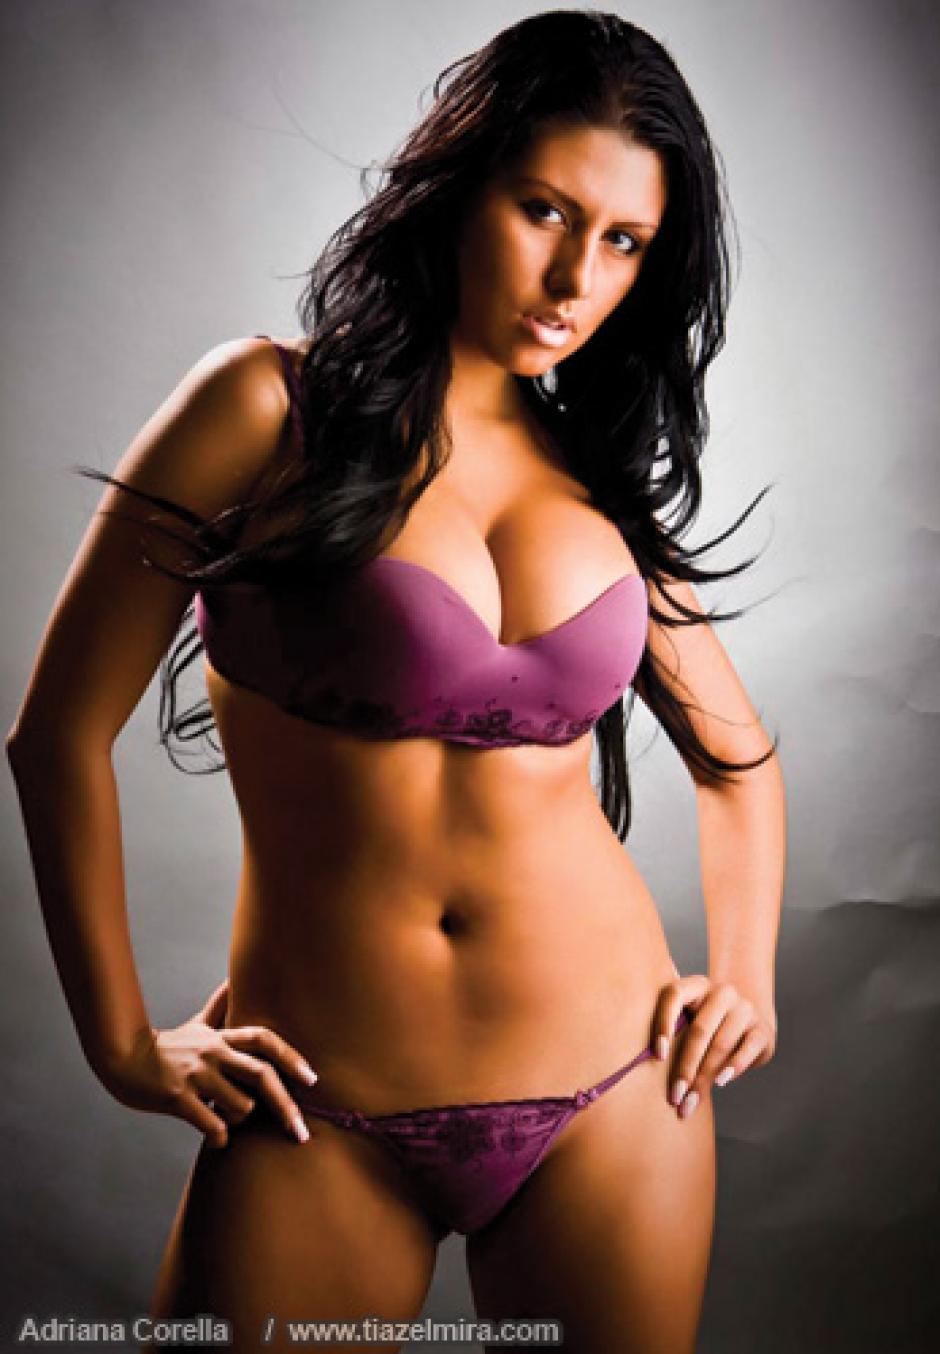 La modelo, Adriana Corella, vive un calvario en Nicaragua. (Foto: tiazelmira)